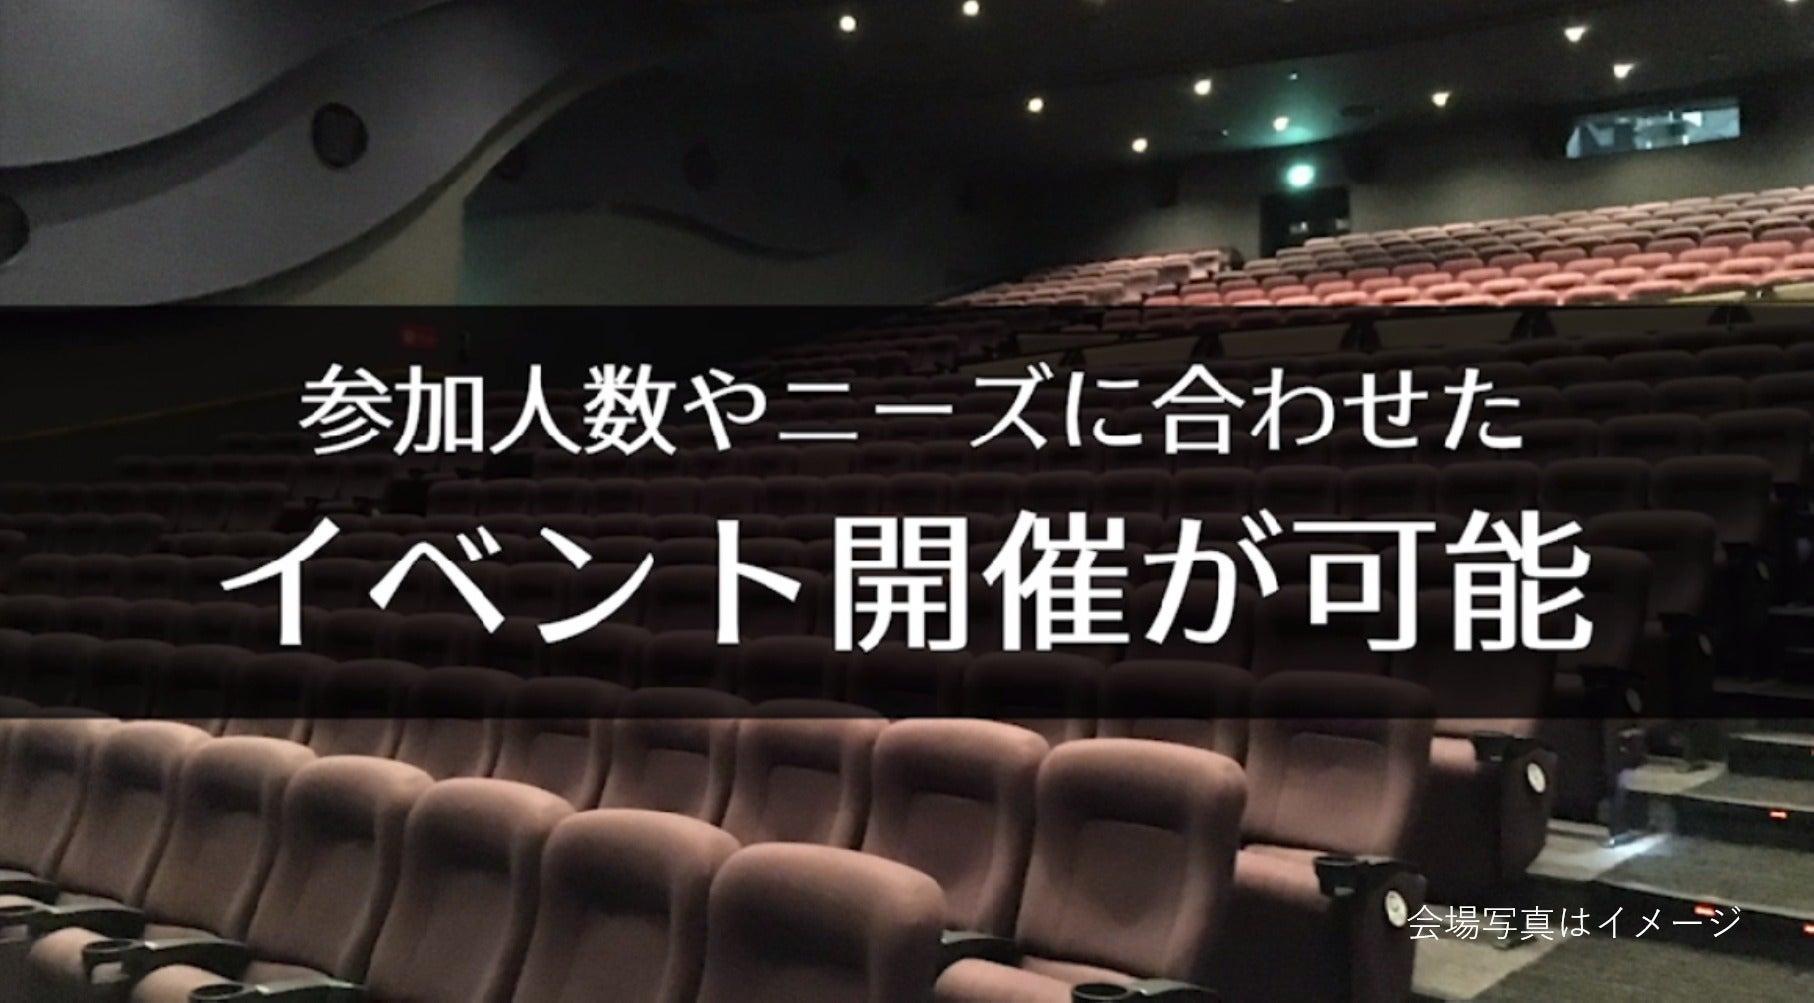 【幸手 137席】映画館で、会社説明会、株主総会、講演会の企画はいかがですか?